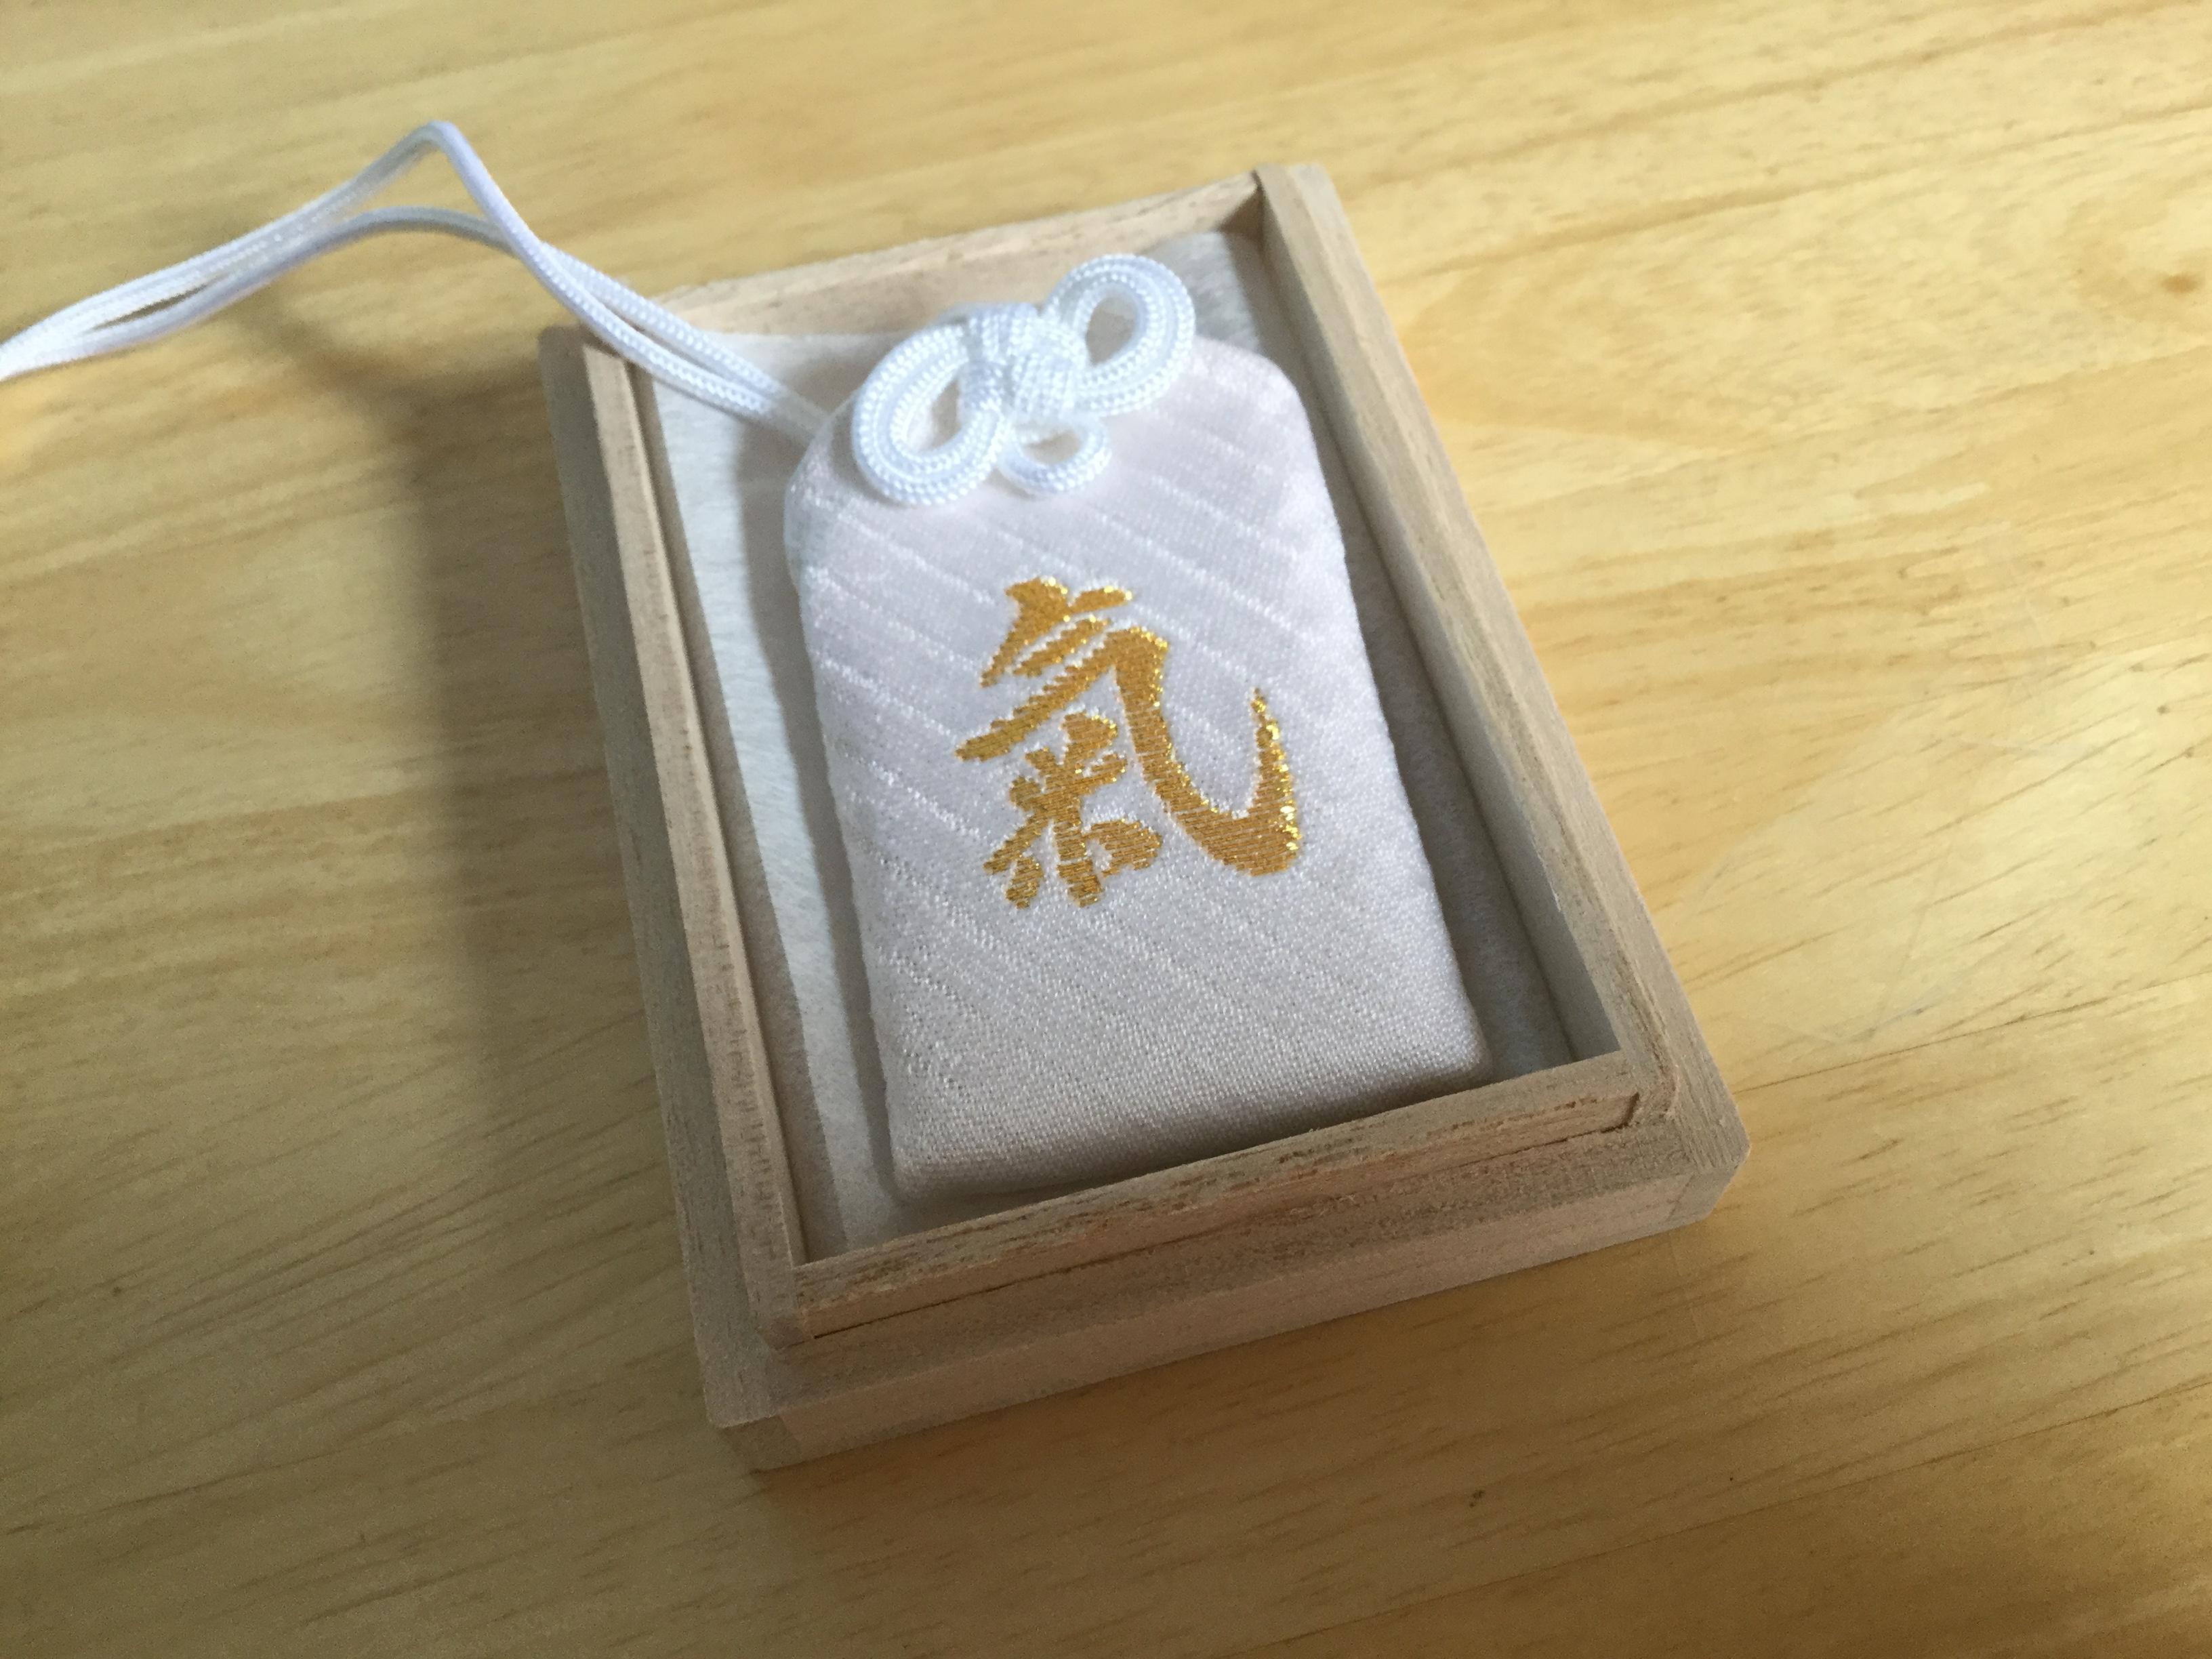 三峯神社の毎月1日だけ発売される白いお守り「白い氣守」の入手方法